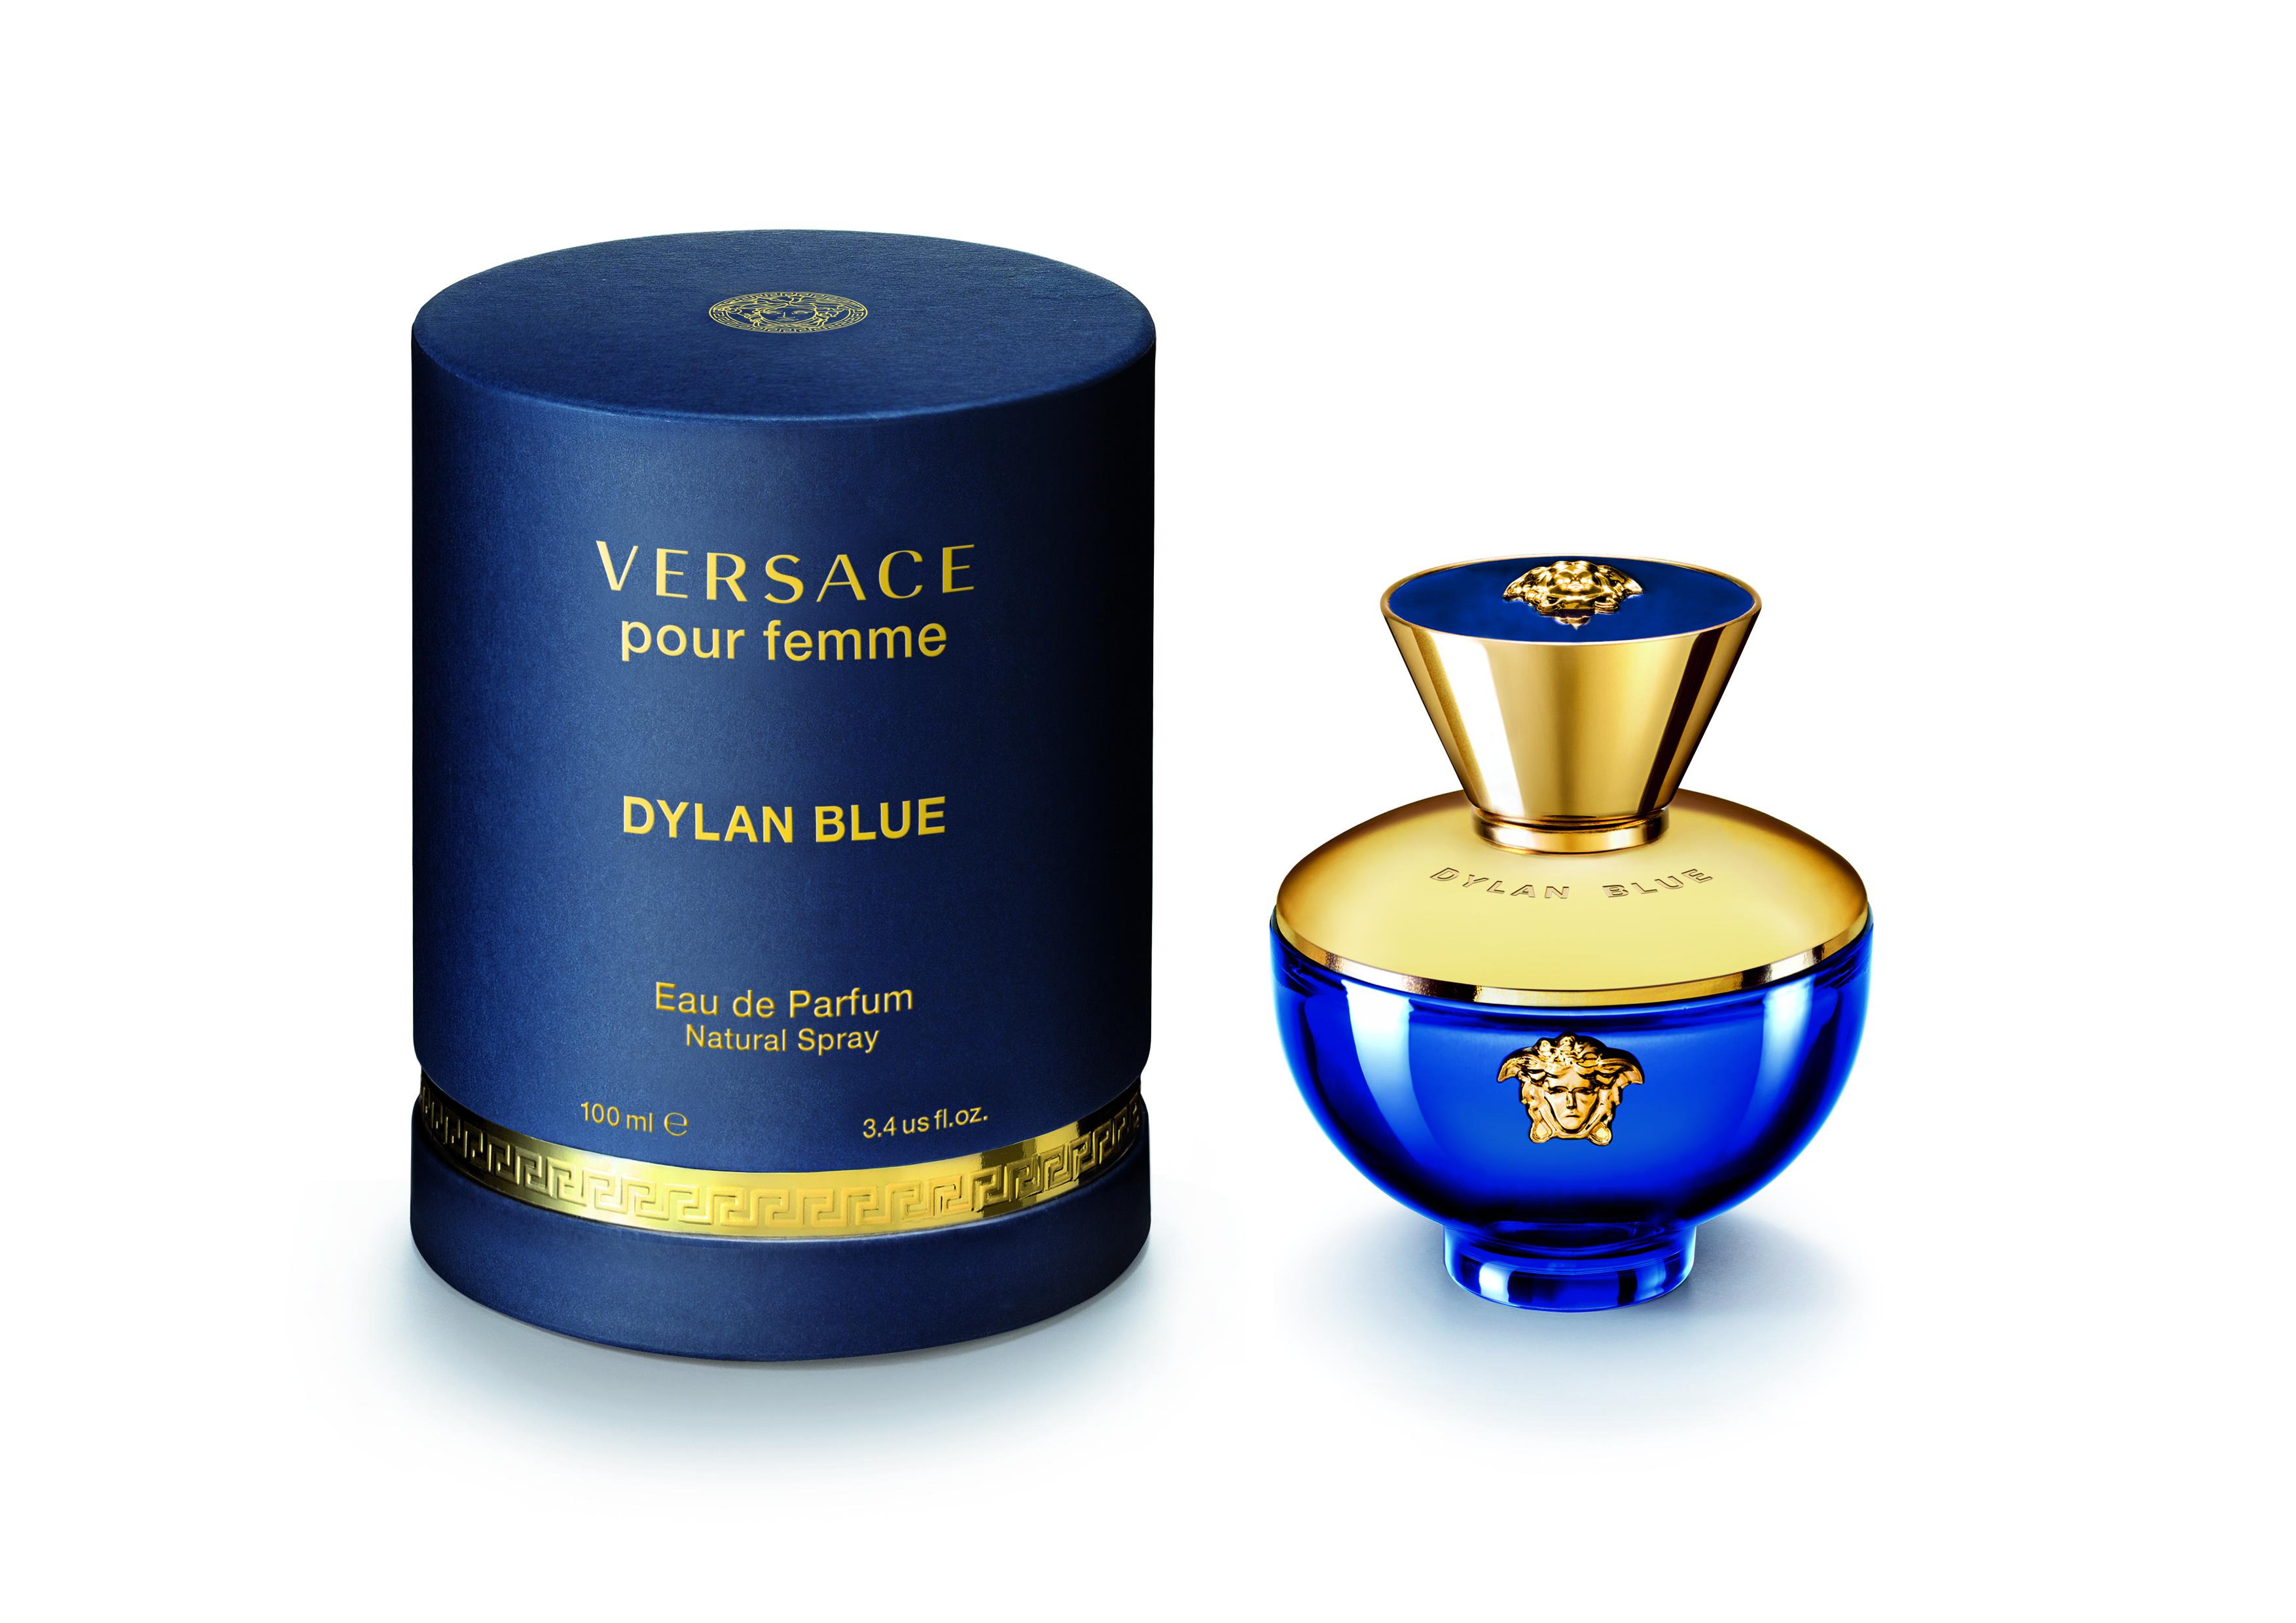 Perfume Dylan Blue de Versace, de la familia olfativa floral-frutal. Los detalles dorados y la icónica medusa no pueden faltar. (Suministrada)